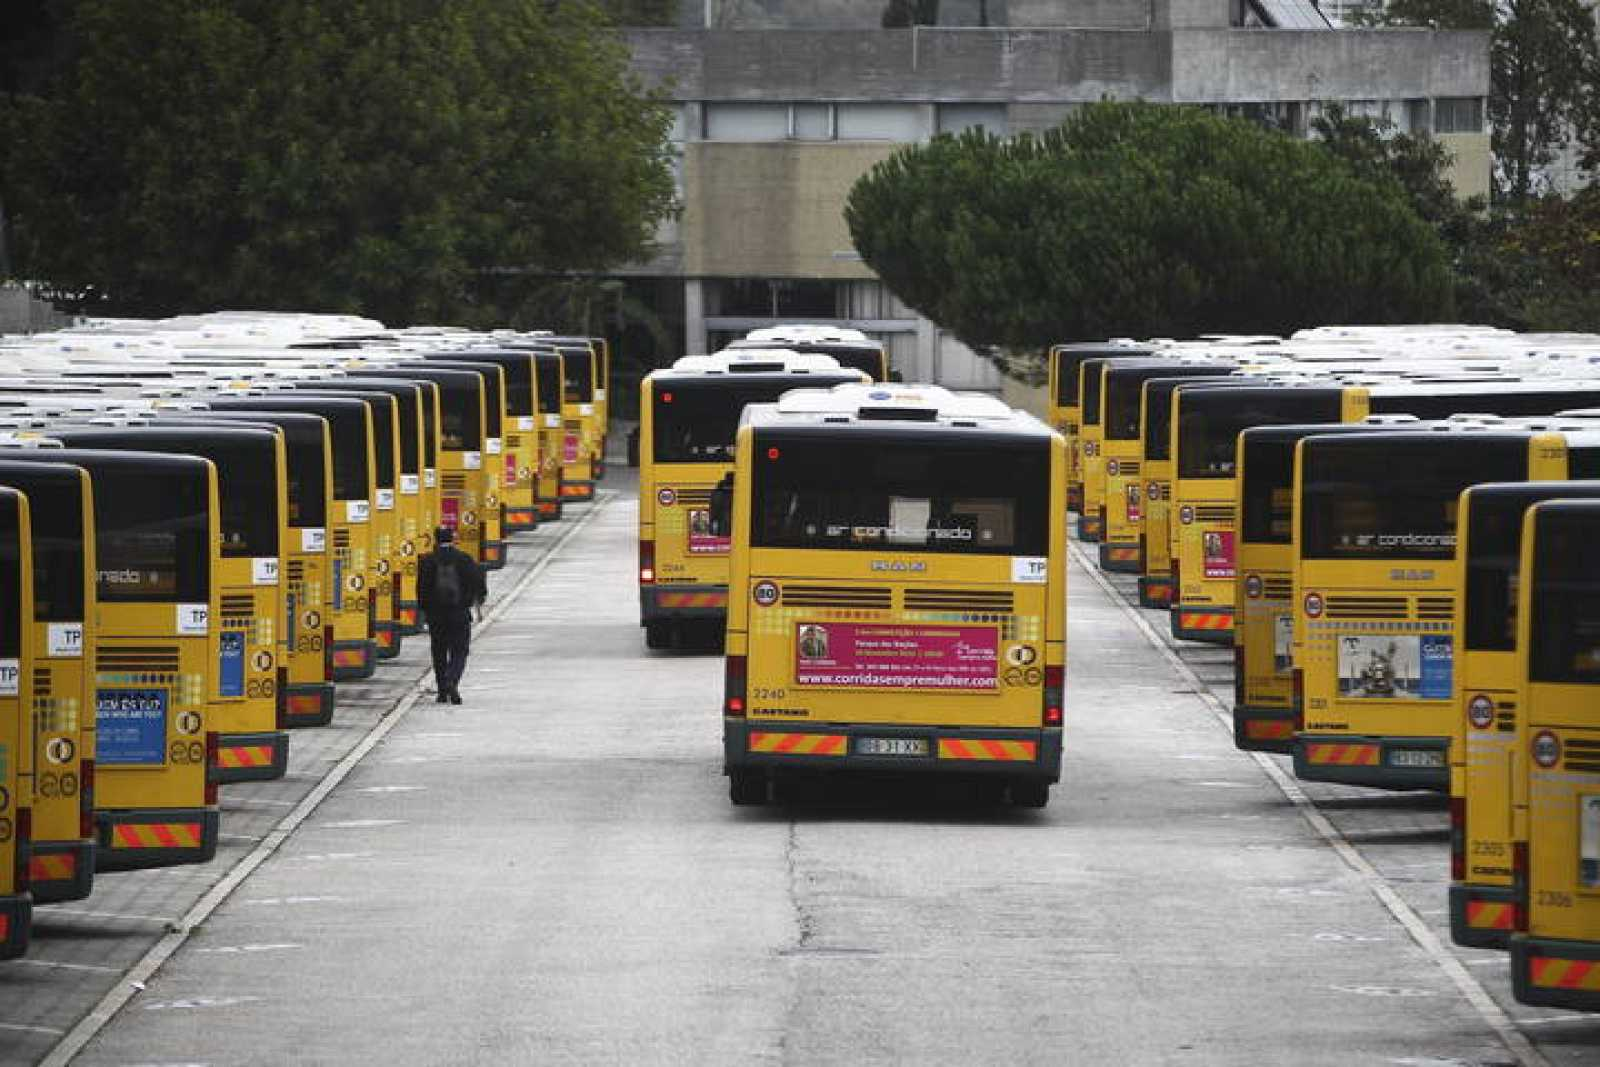 Autobuses de la empresa pública Carris permanecen estacionados en la estación de Miraflores en Lisboa